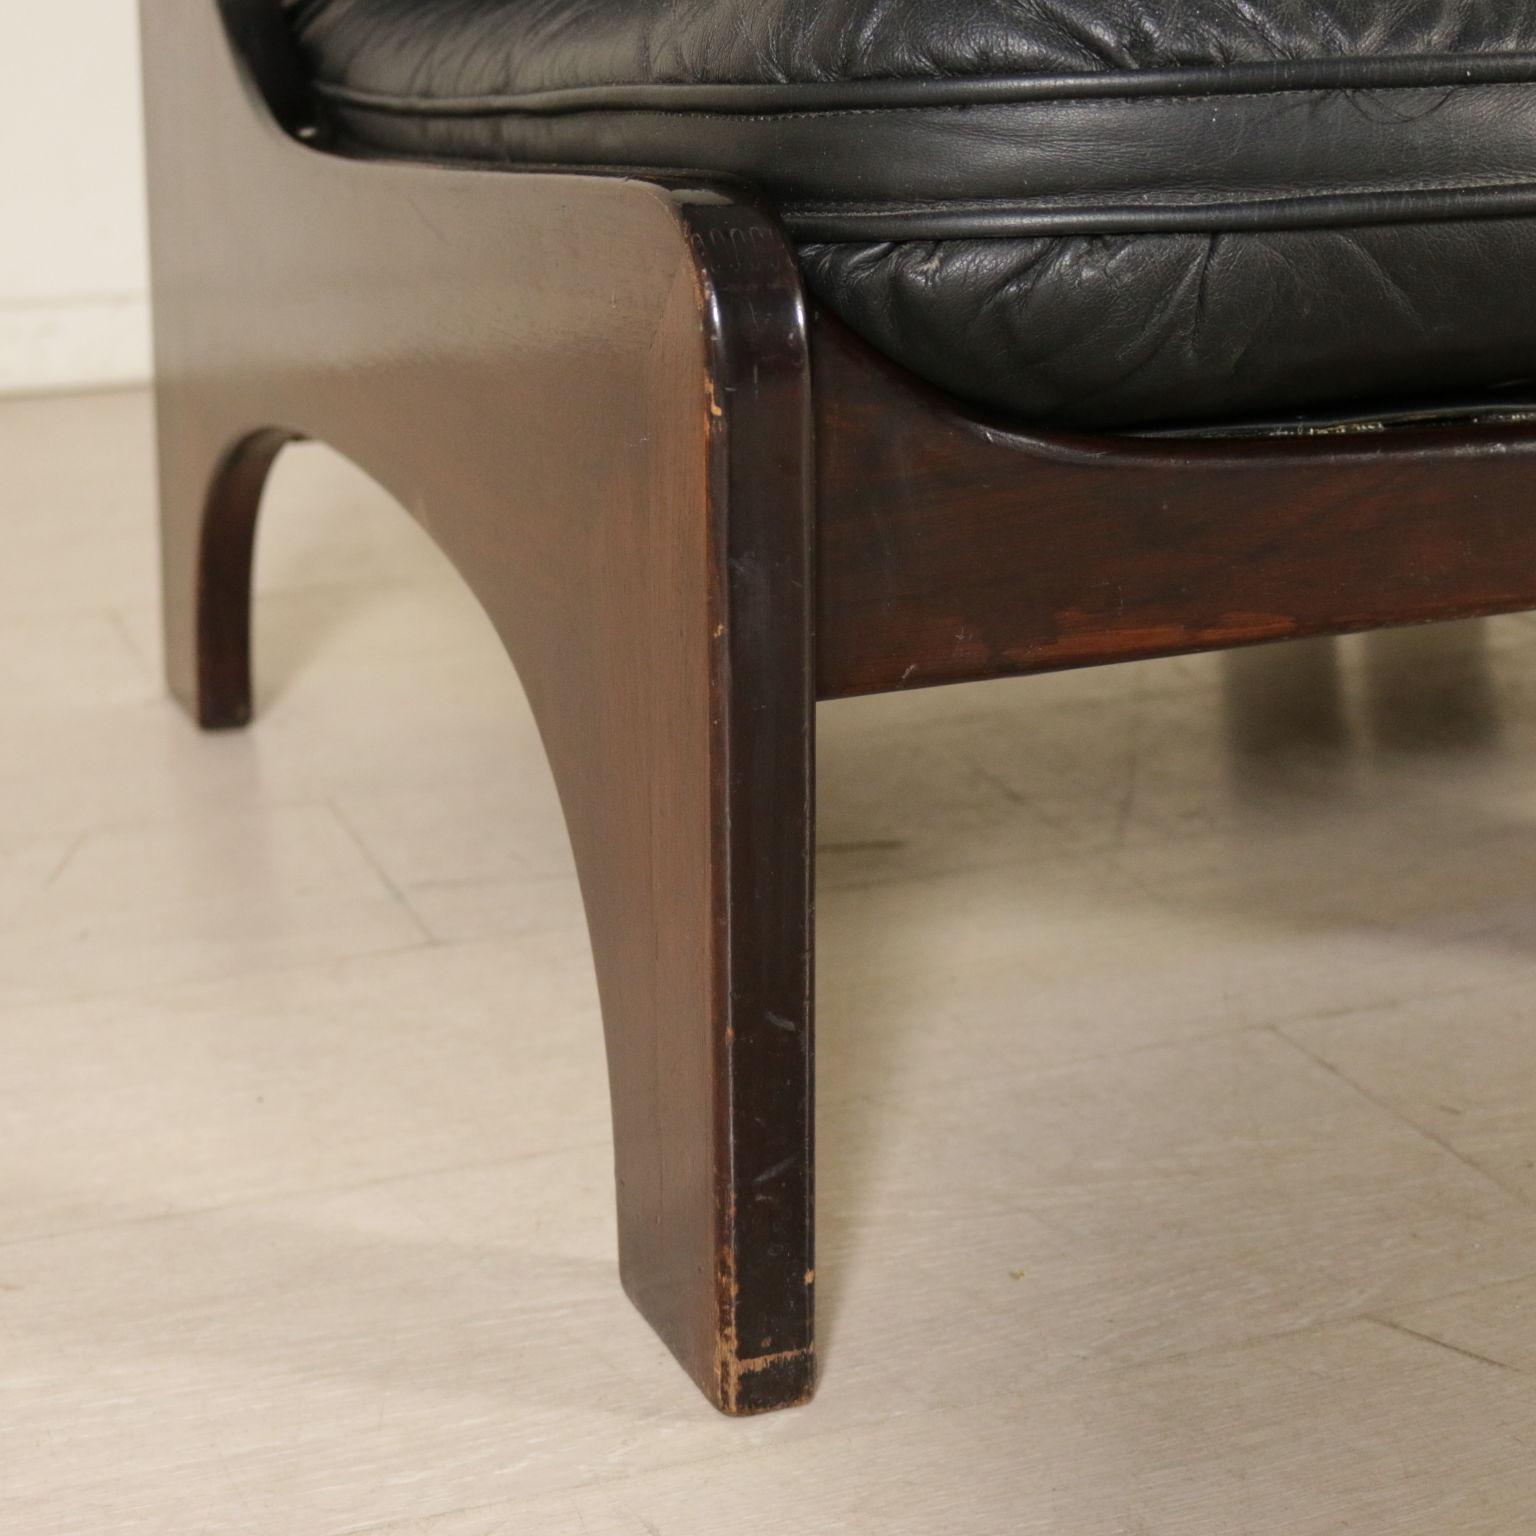 Fotele Z Lat 70 Tych Fotele Modernizm Dimanoinmanoit